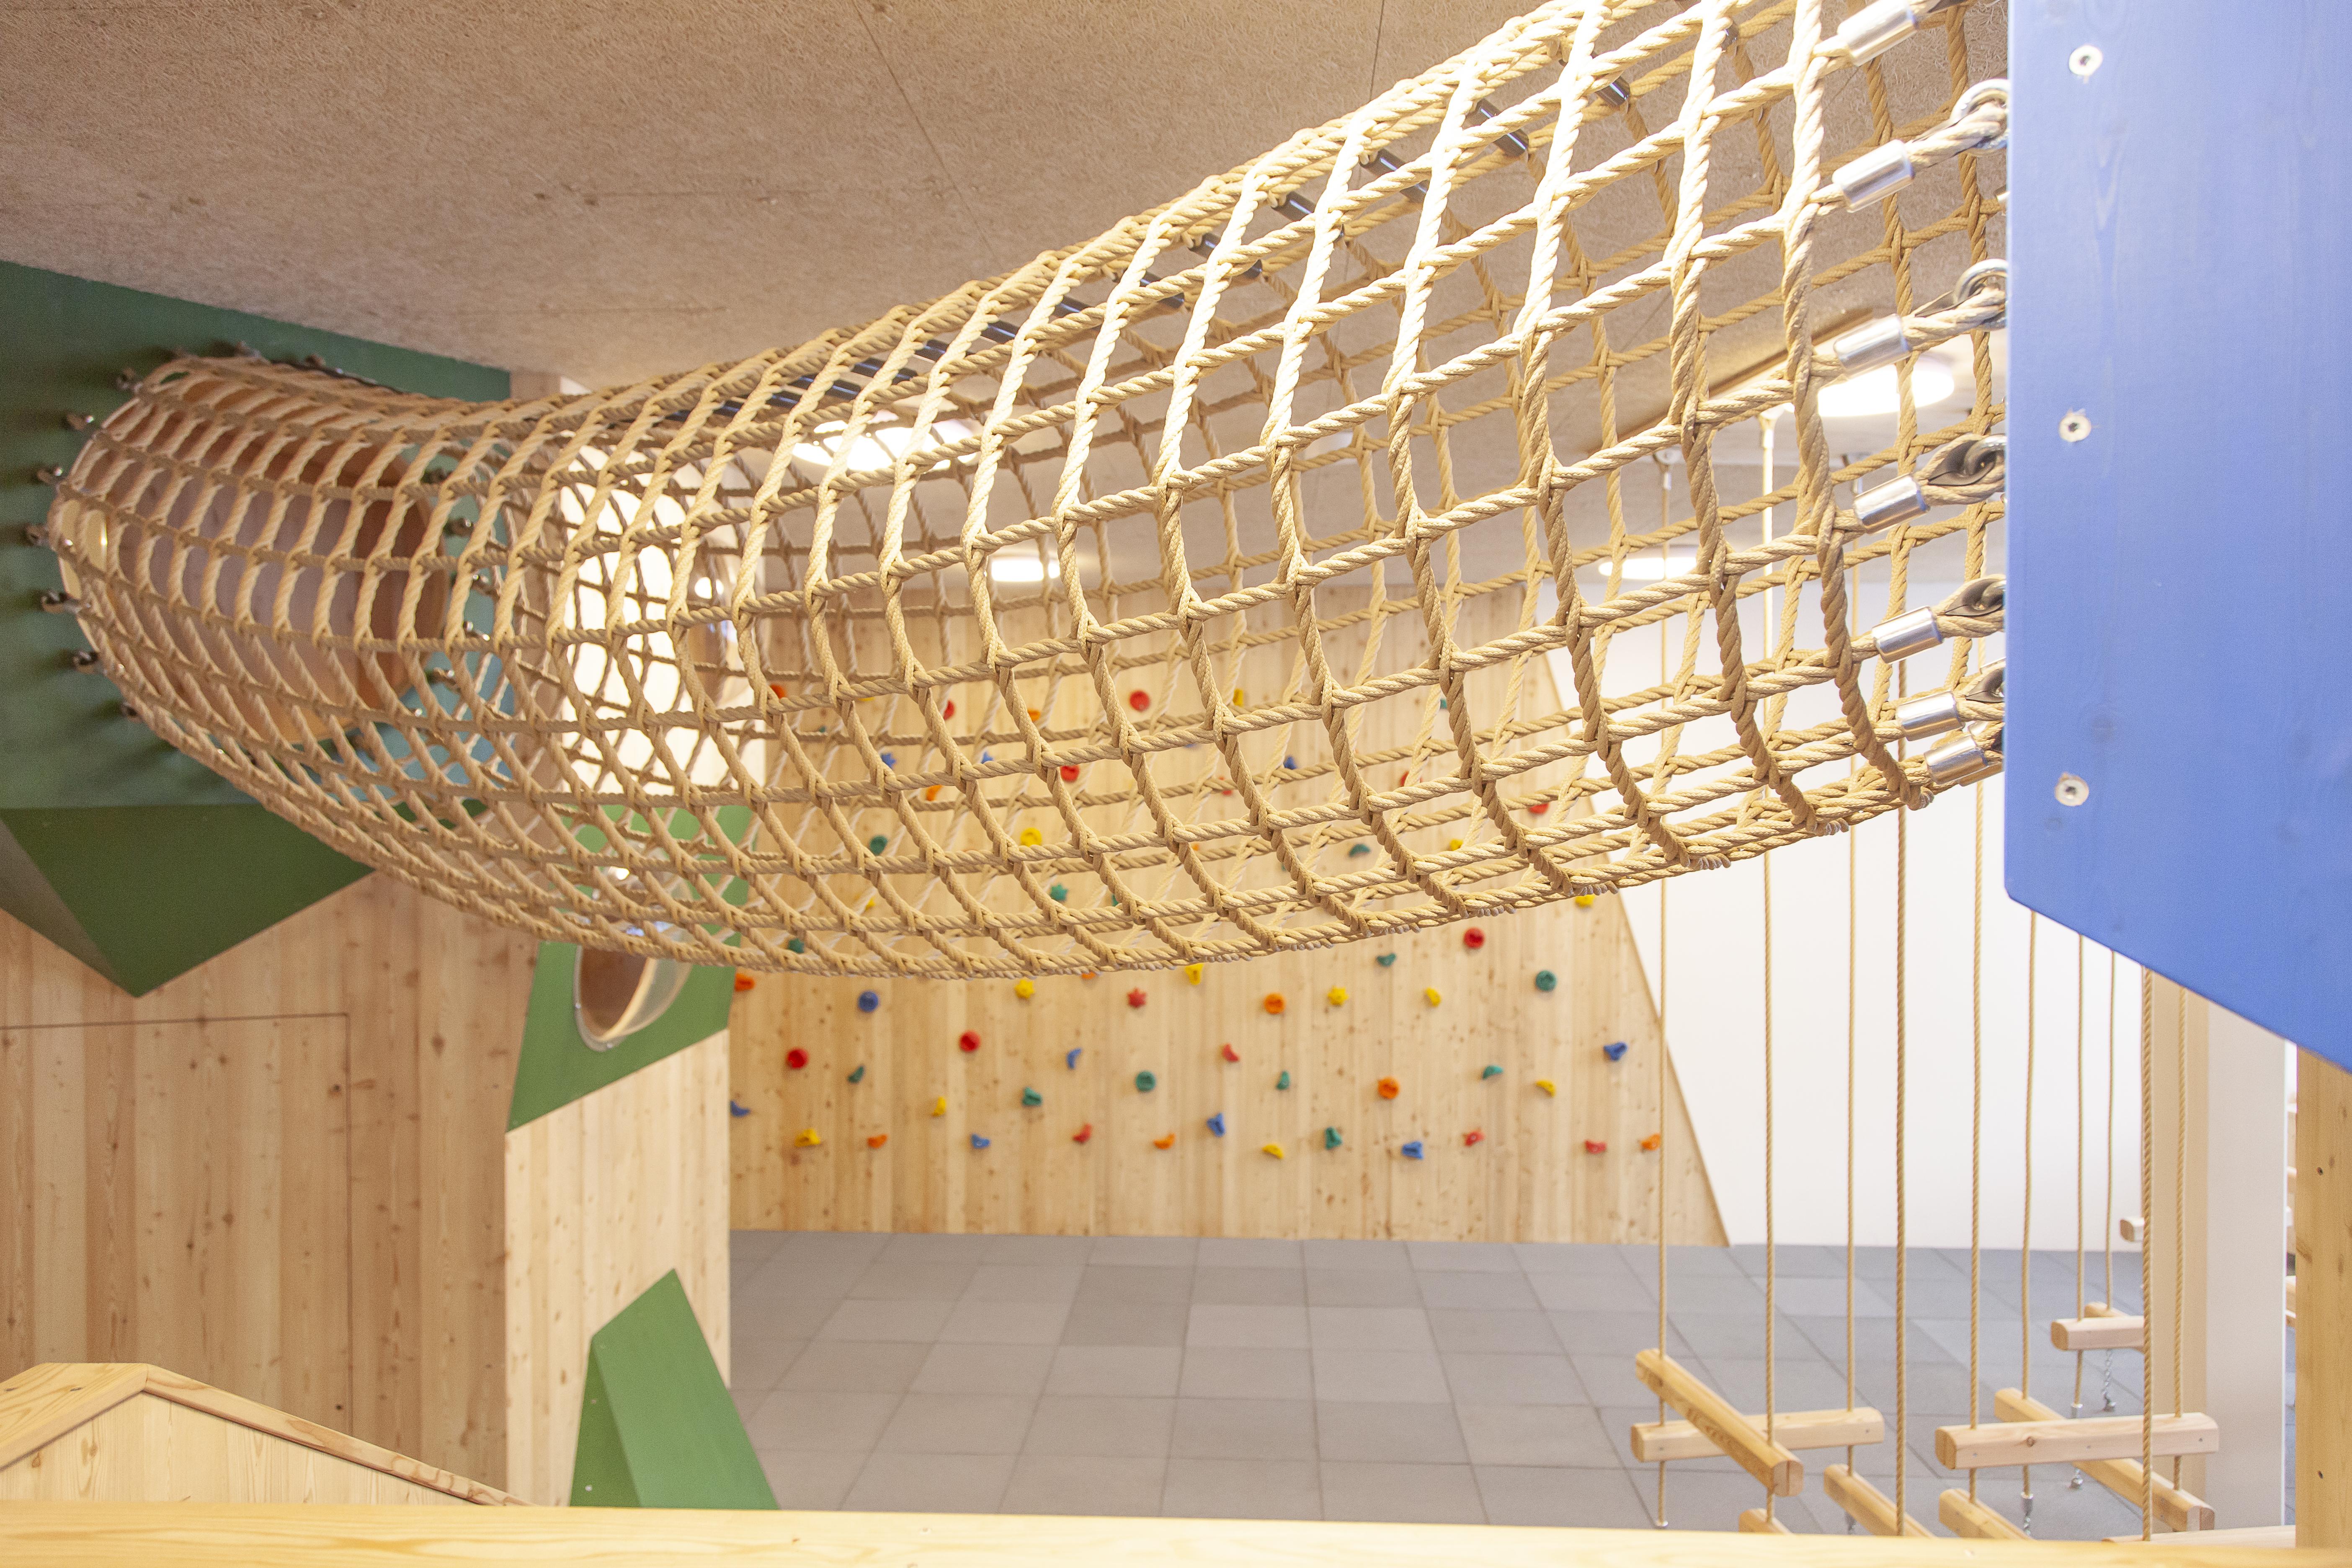 Sie sehen ein Kletternetz im Kinderspielbereich des JUFA Hotel Mariazell – Erlaufsee Sport-Resort. Der Ort für erfolgreiches Training in ungezwungener Atmosphäre für Vereine und Teams.